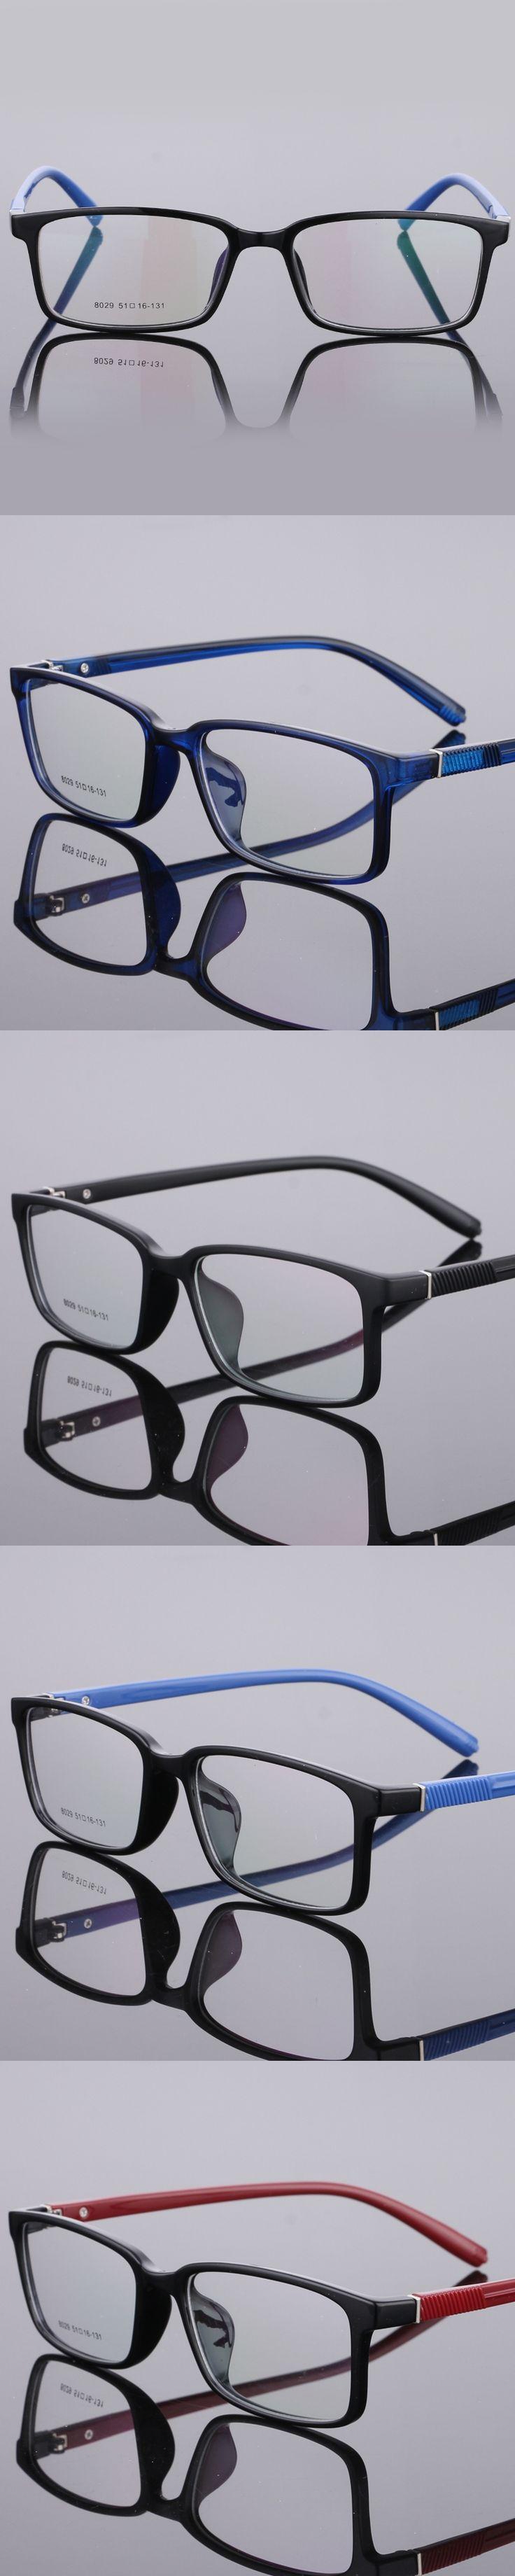 The New TR90 women Glasses frame retro optical clear Full box Eyeglasses frame Men prescription glasses frames 8029